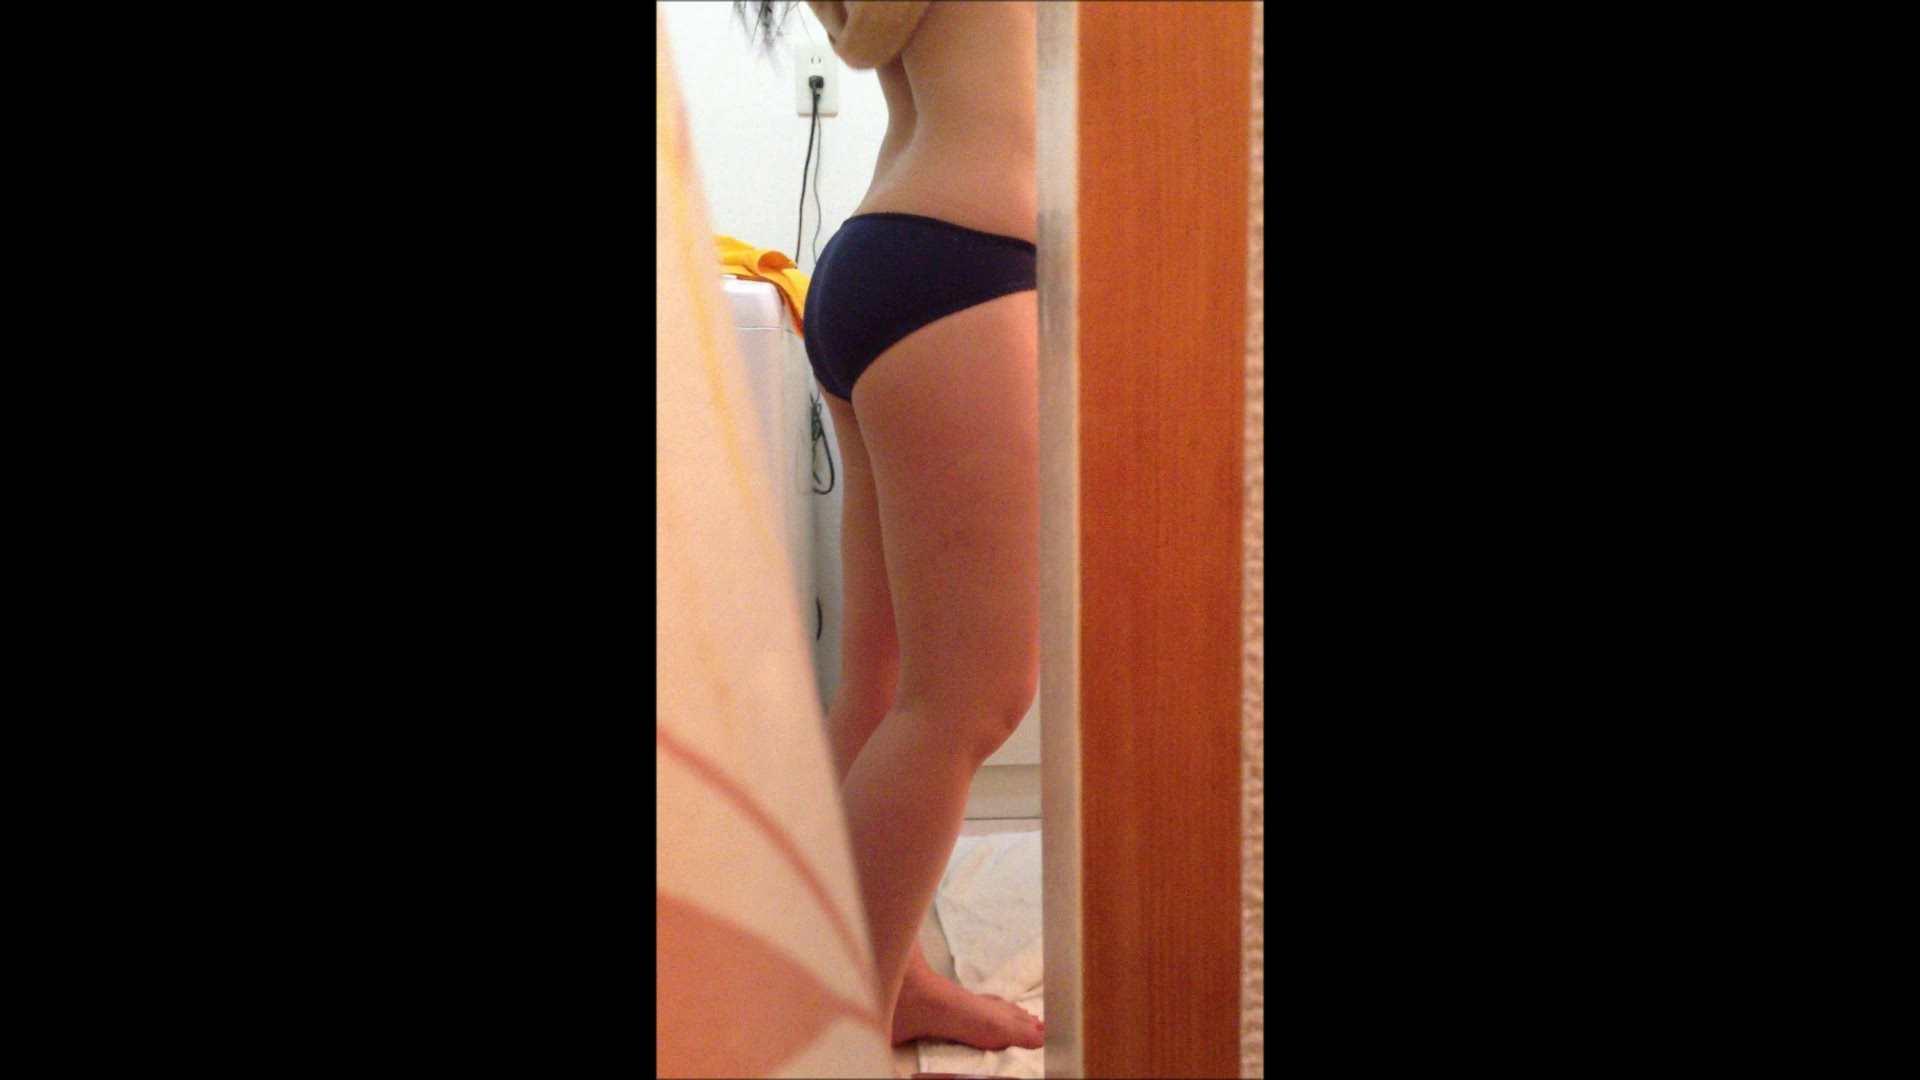 09(9日目)彼女も風呂を撮られるのに慣れてきたような・・・ マンコ特集 | 盗撮エロすぎ  80連発 61